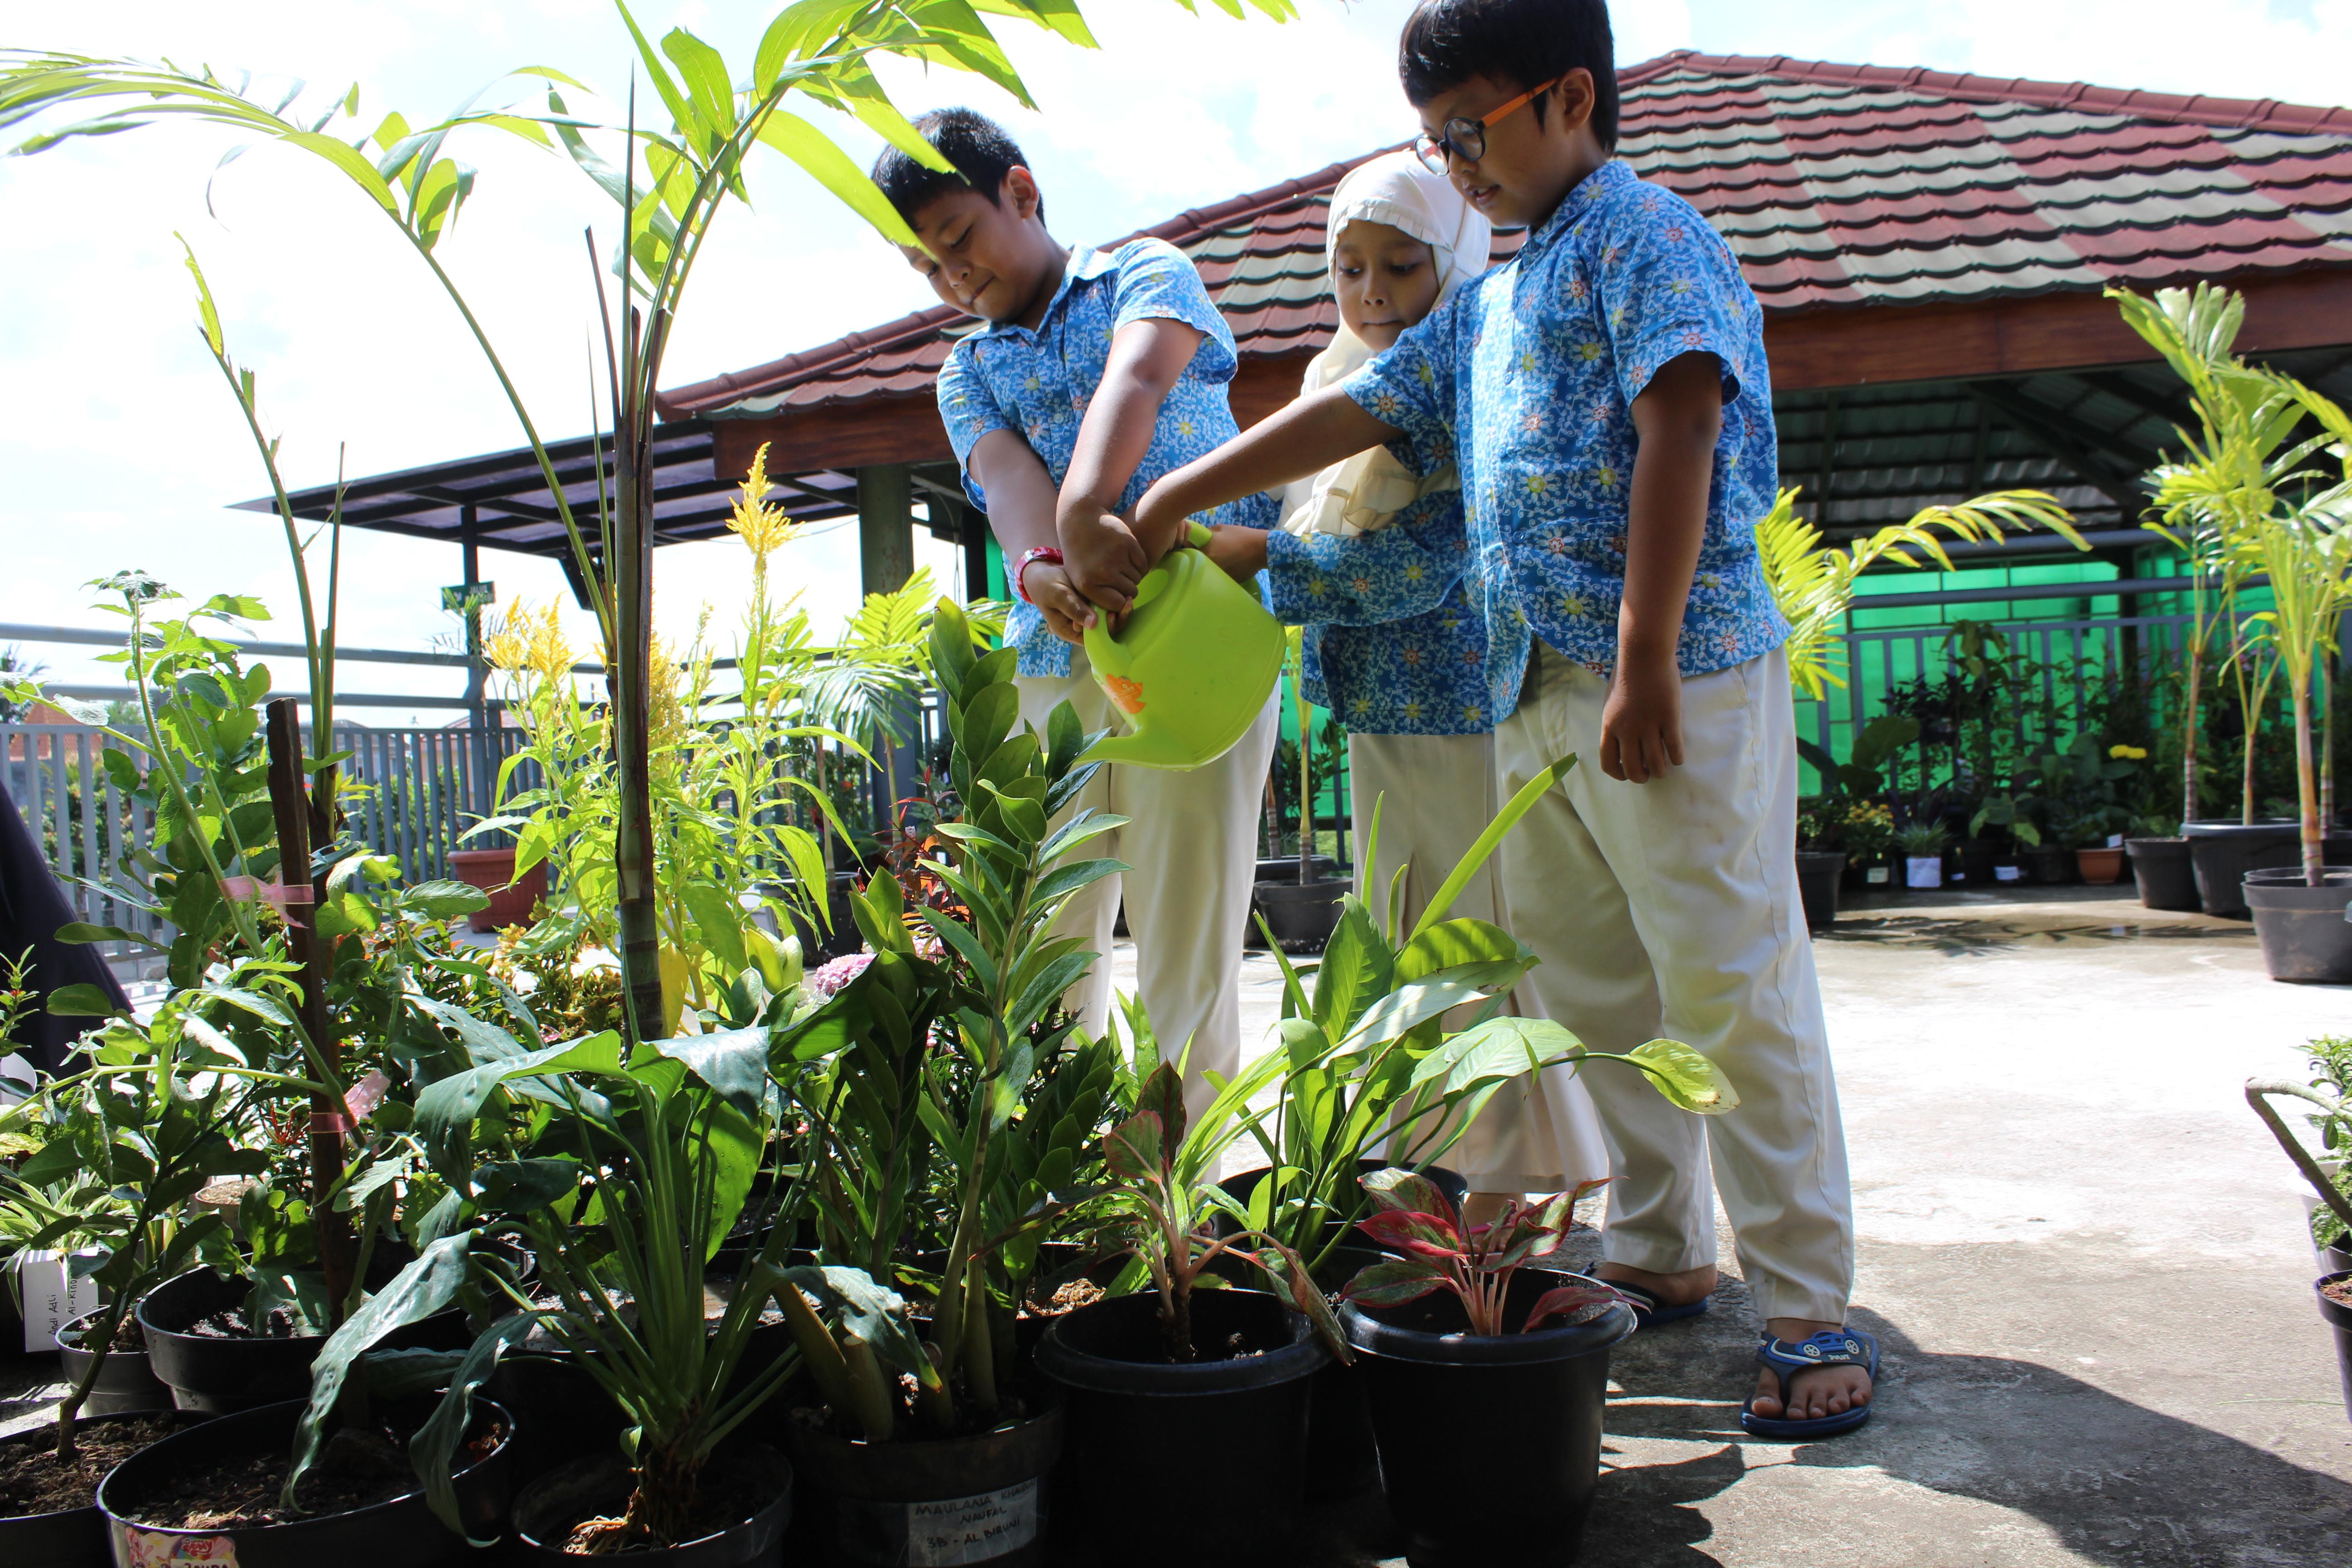 Ajak Anak Anak Untuk Merawat Pohon Di Sekitarnya Sekolah Teladan Yogyakarta